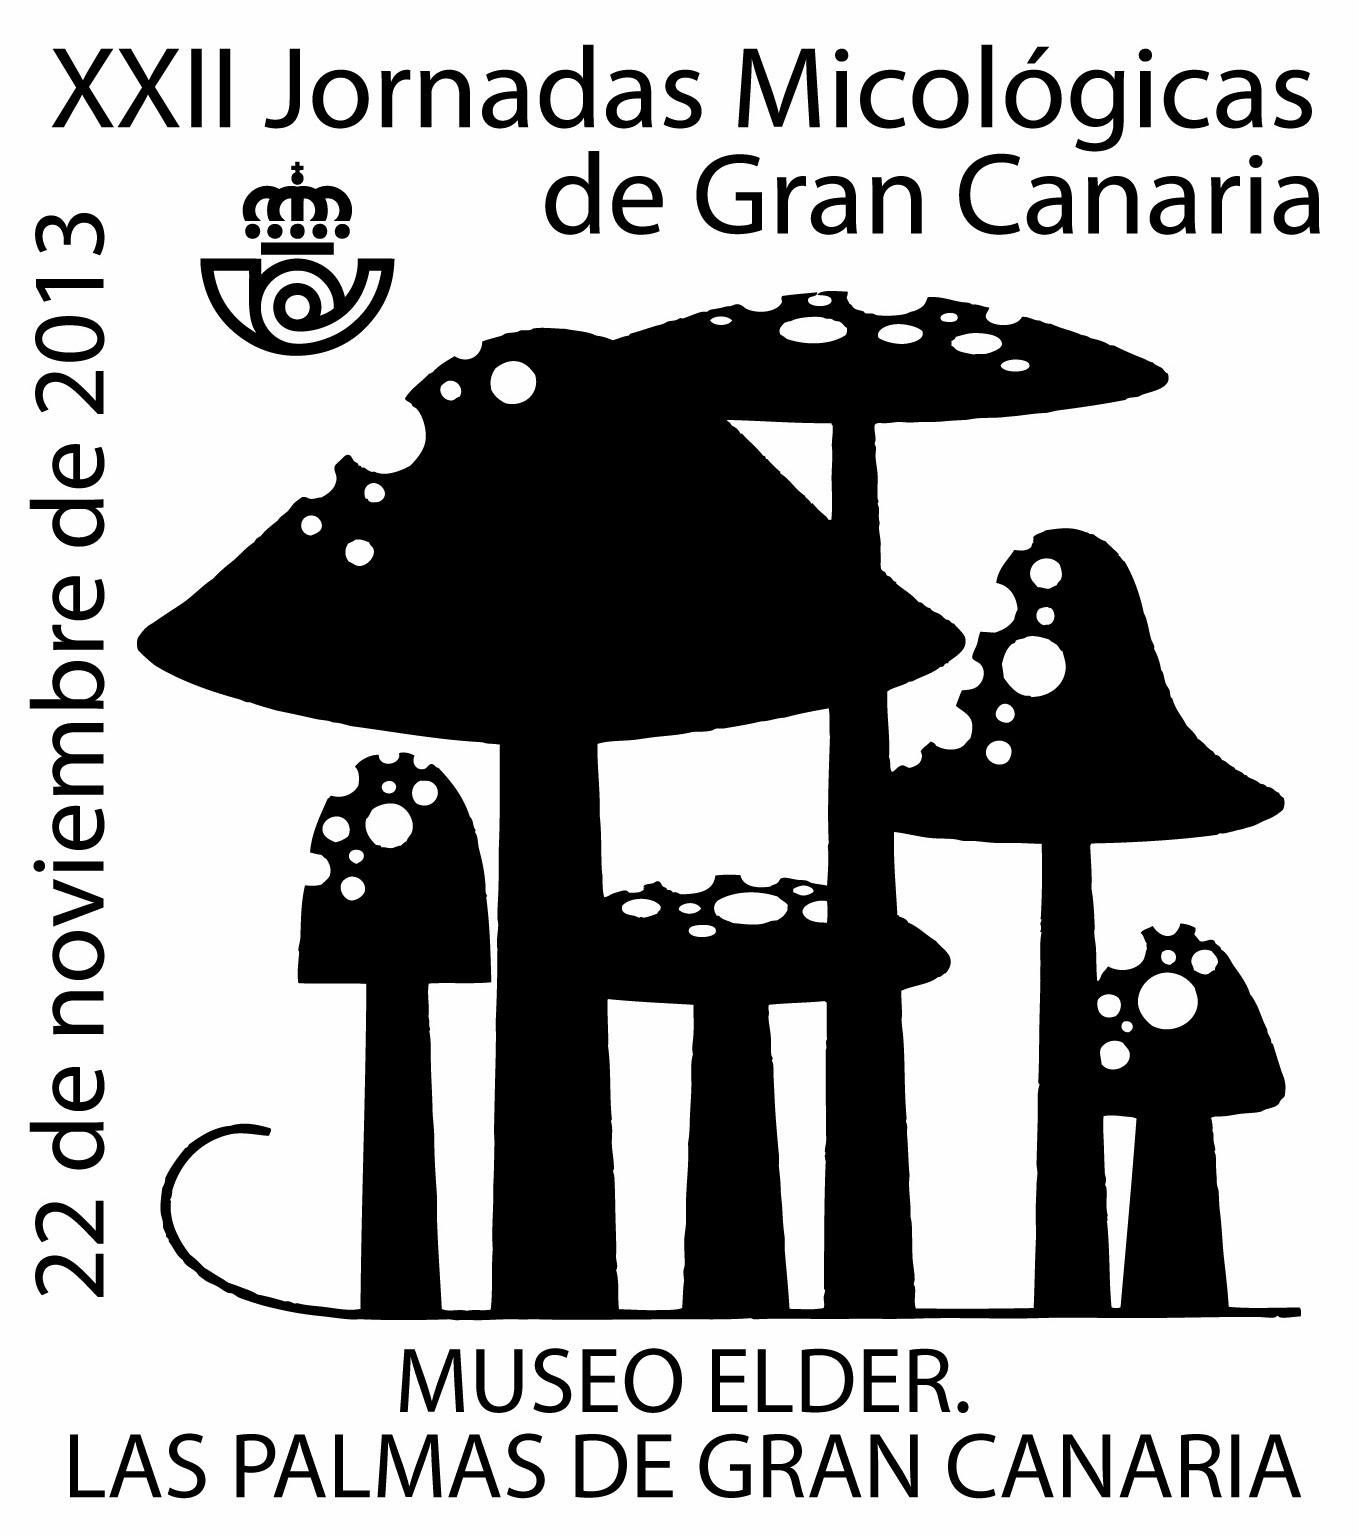 Grupo filat lico y de estudios de la naturaleza octubre 2013 - Estudios en las palmas de gran canaria ...